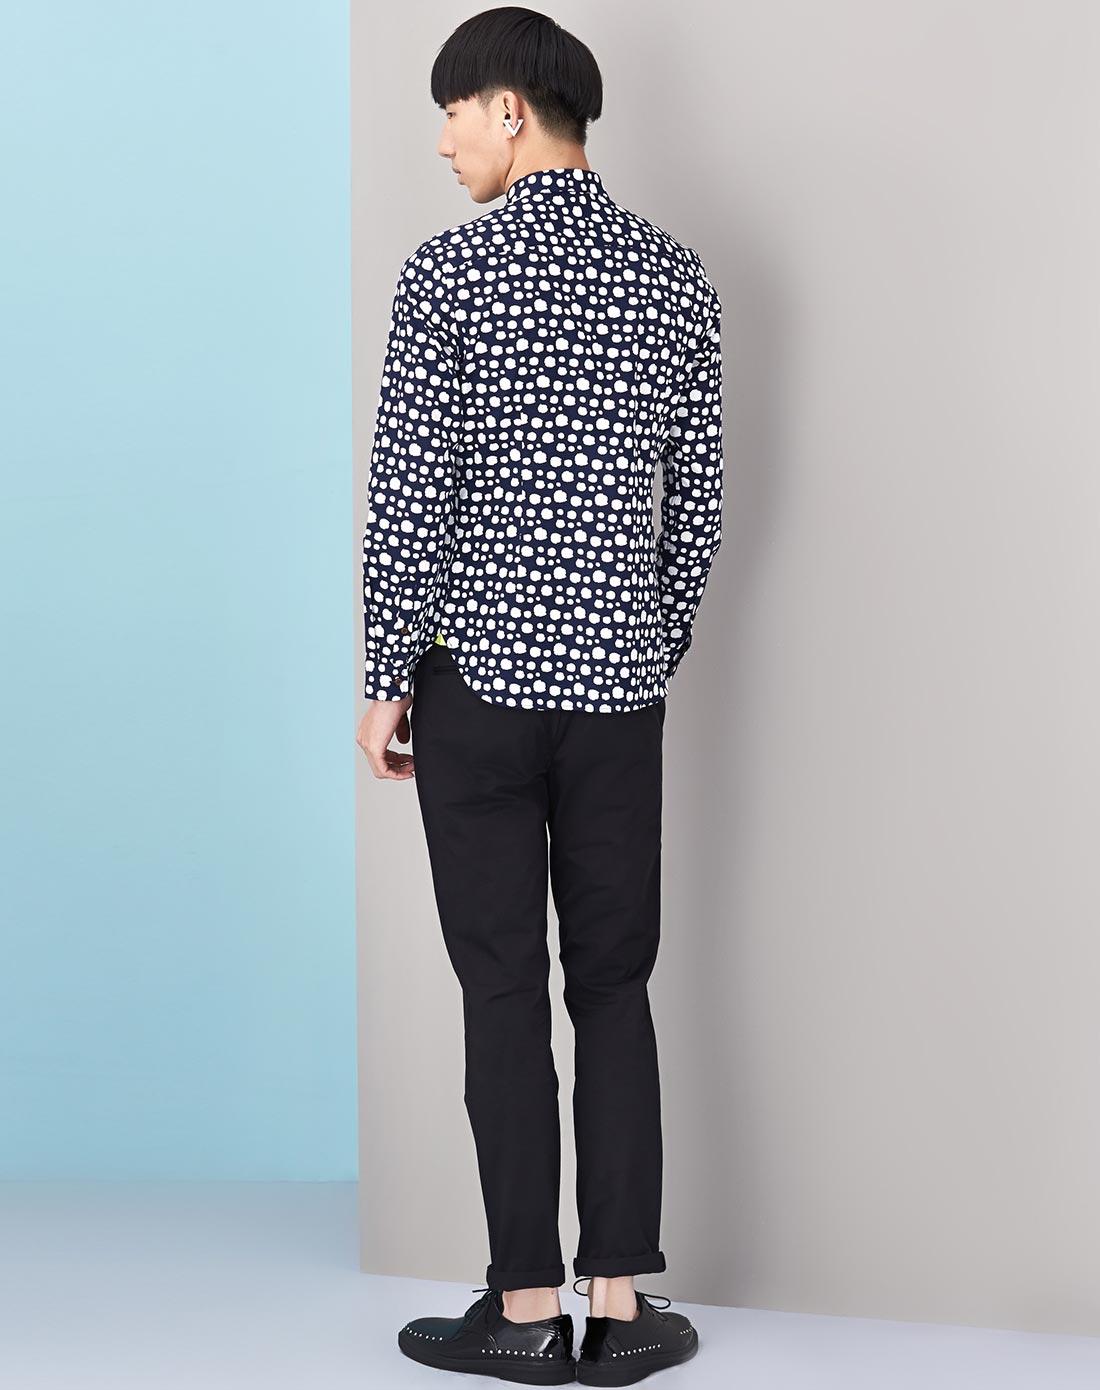 jeans男款蓝底白点休闲长袖衬衫51803303826